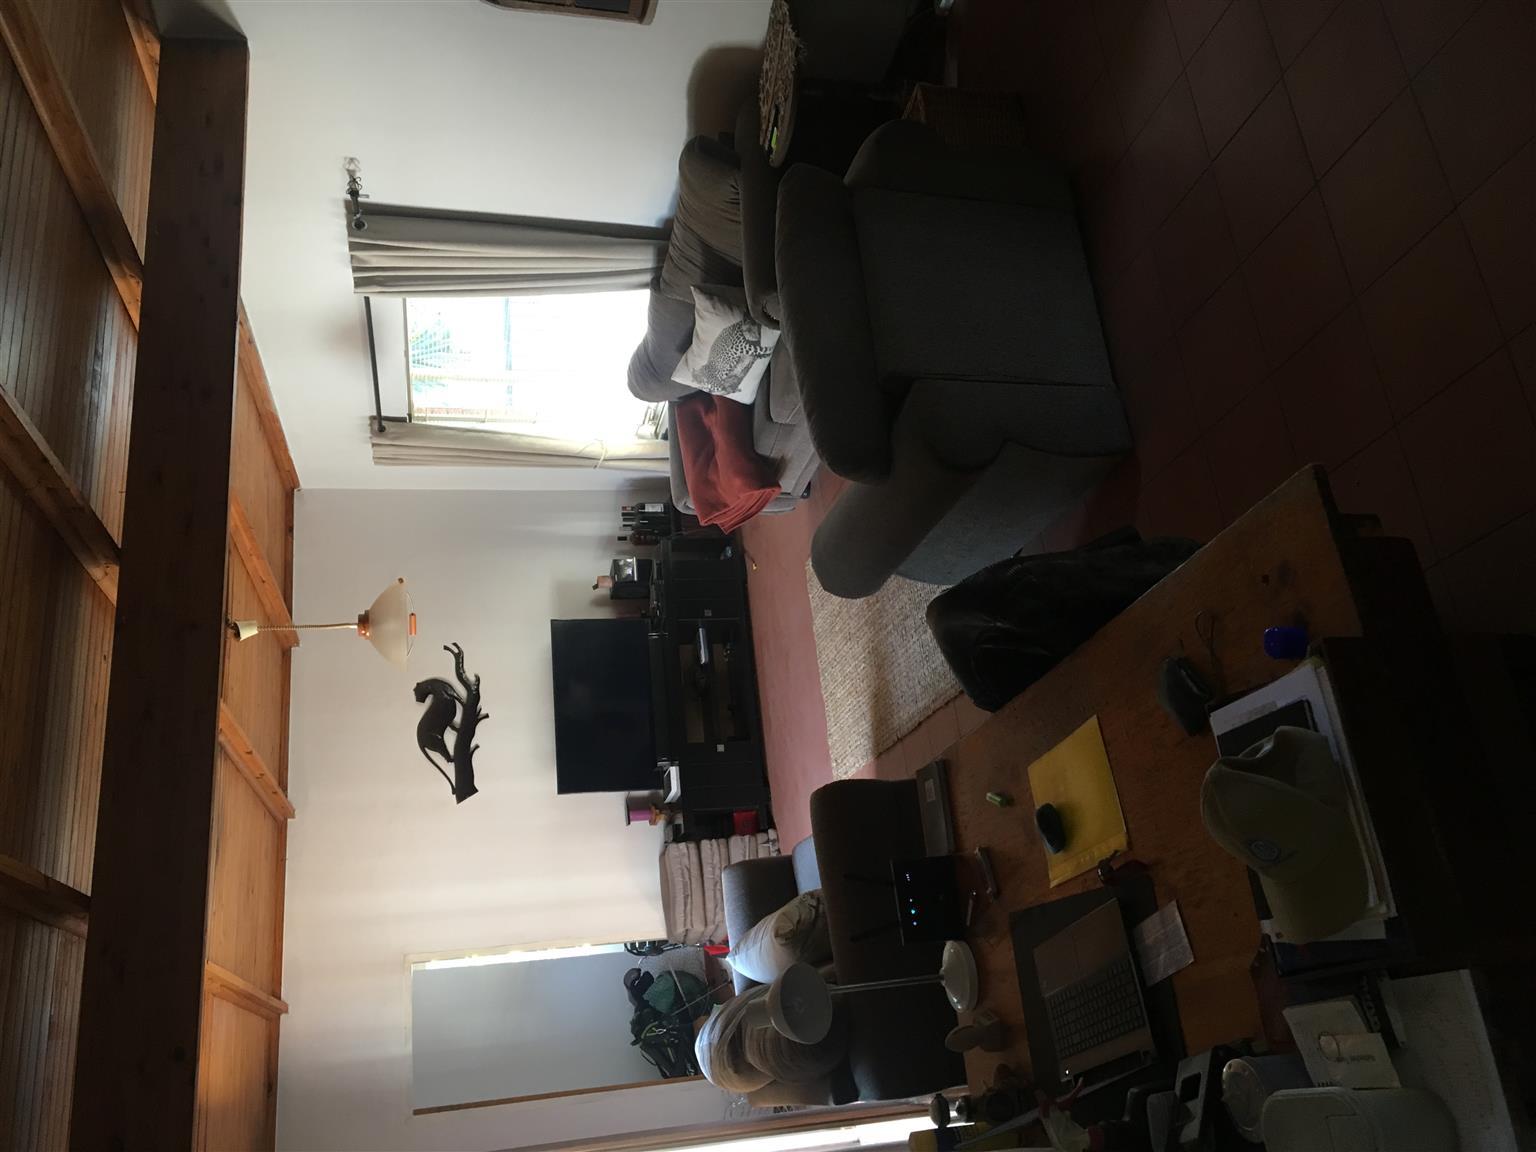 Duet to rent in Wonderboom